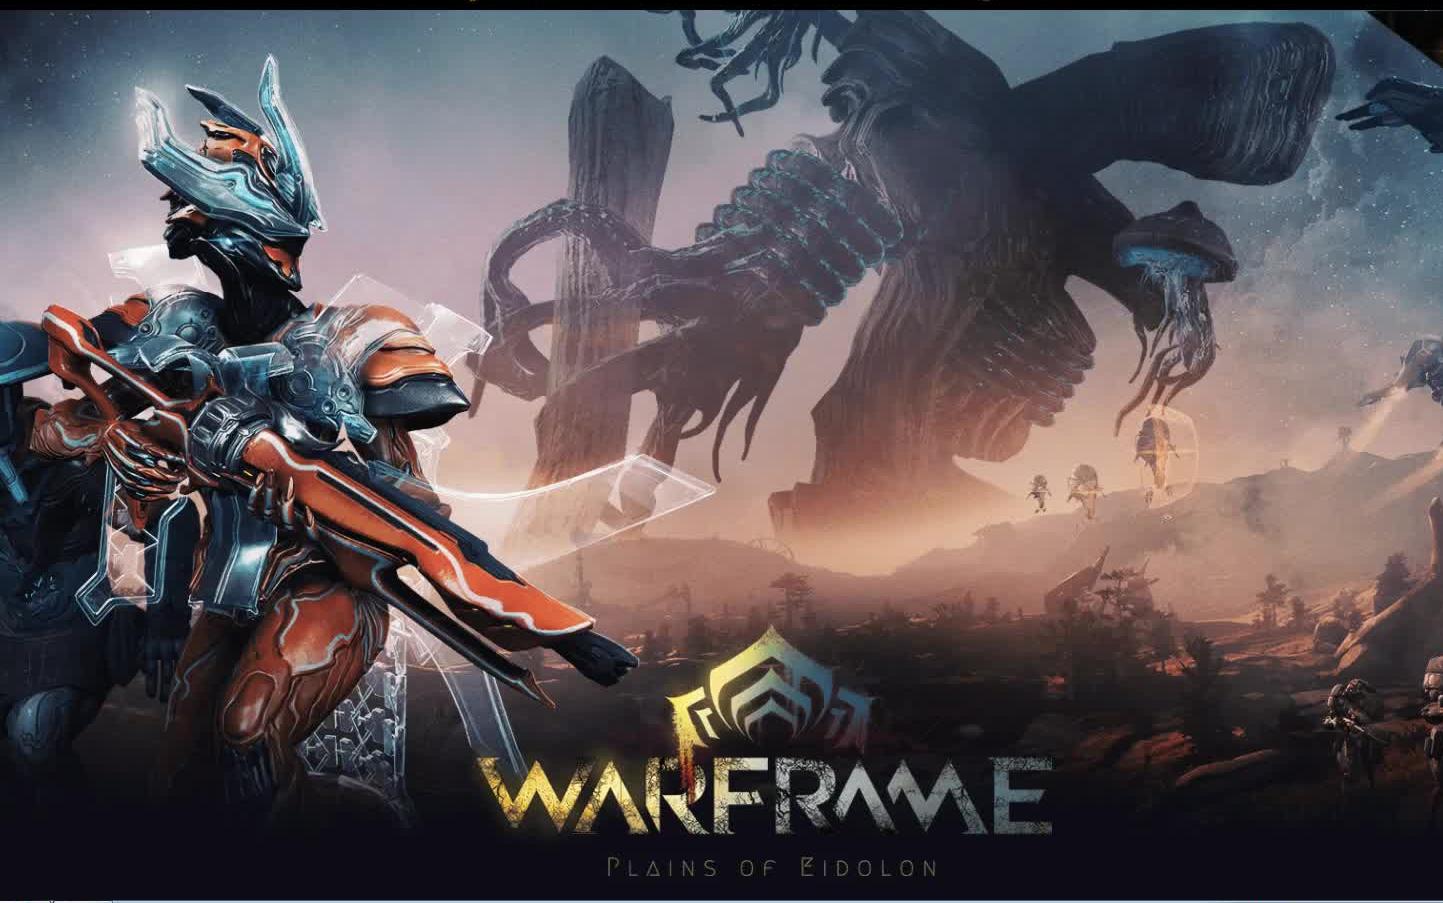 游戏资讯_steam 游戏 warframe(星际战甲)本周奸商介绍及平原相关资讯